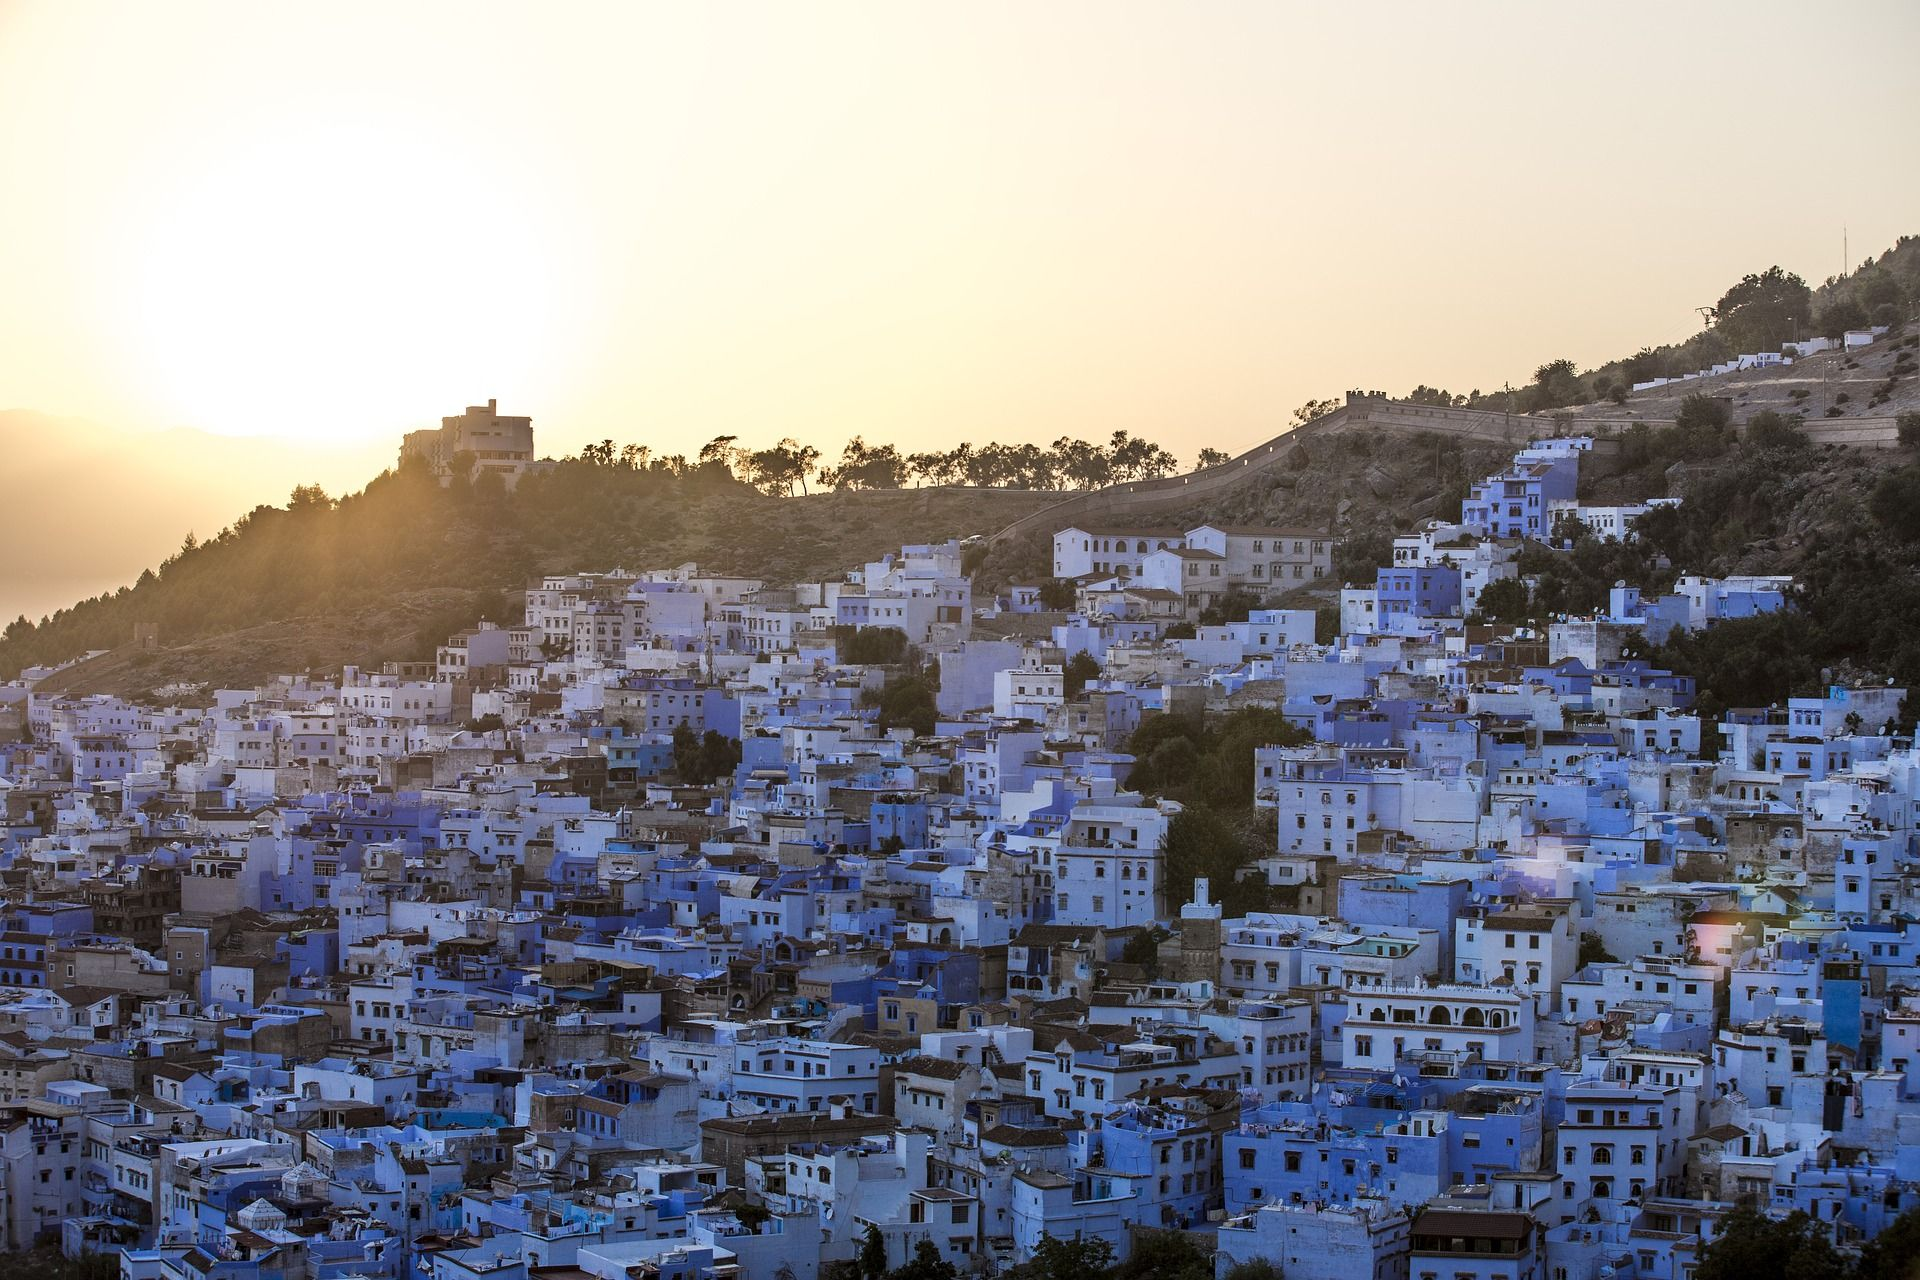 Cidade azul de Chefchaouen, Marrocos - SAPO Viagens